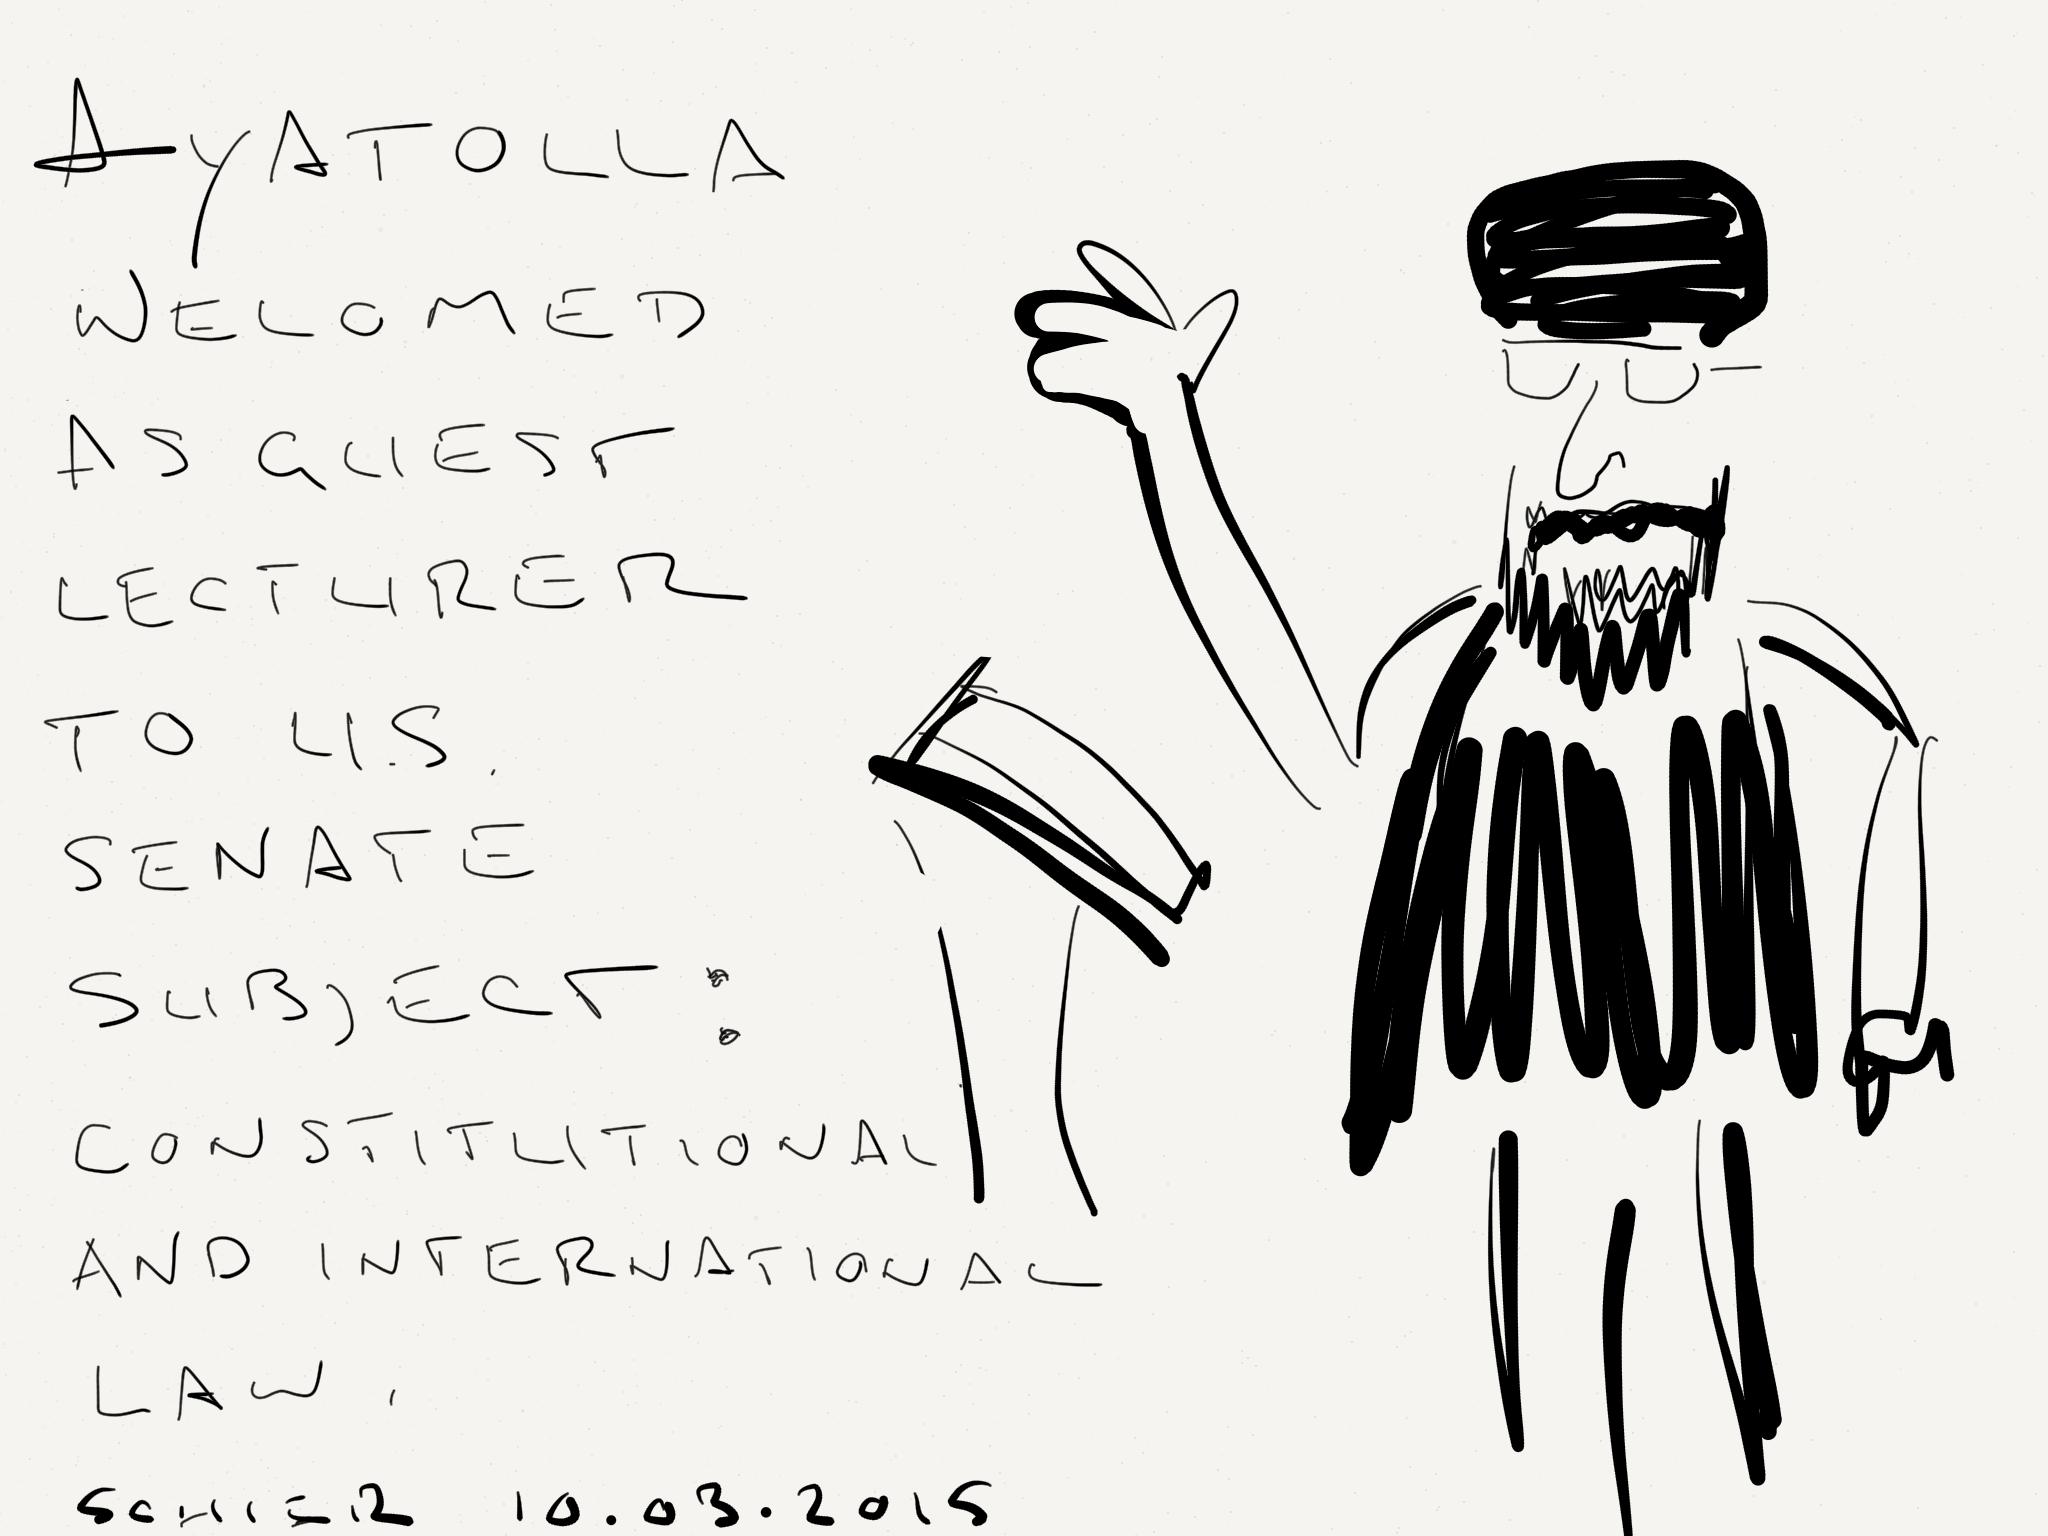 ayatollah-guest-lecture